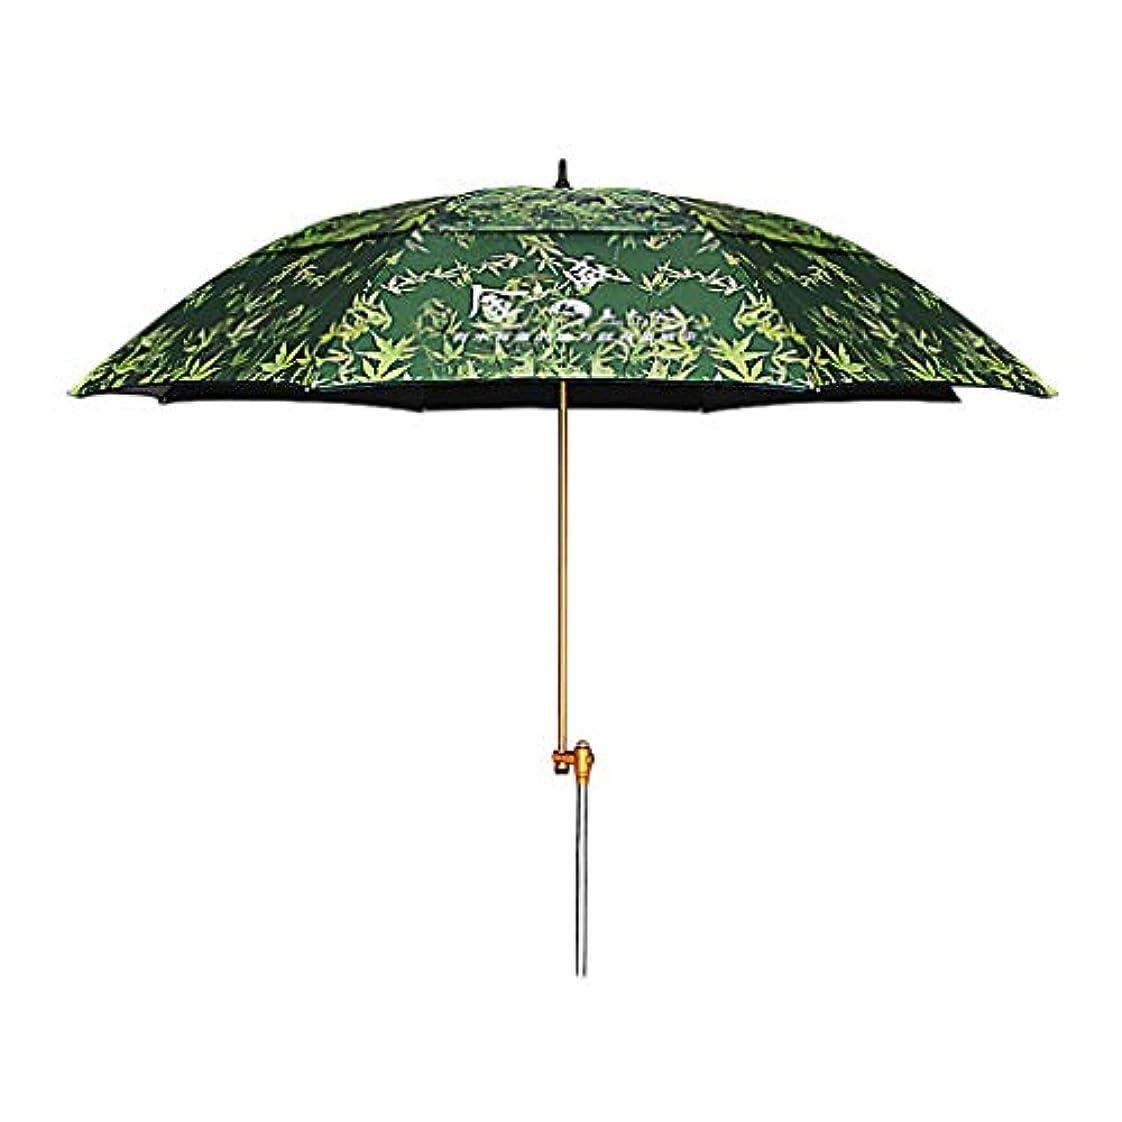 最初はびっくりしたアコード太陽傘マグネシウムアルミ合金日焼け止め雨折りたたみ傘屋外サンシェード傘 (Size : H2.15m)